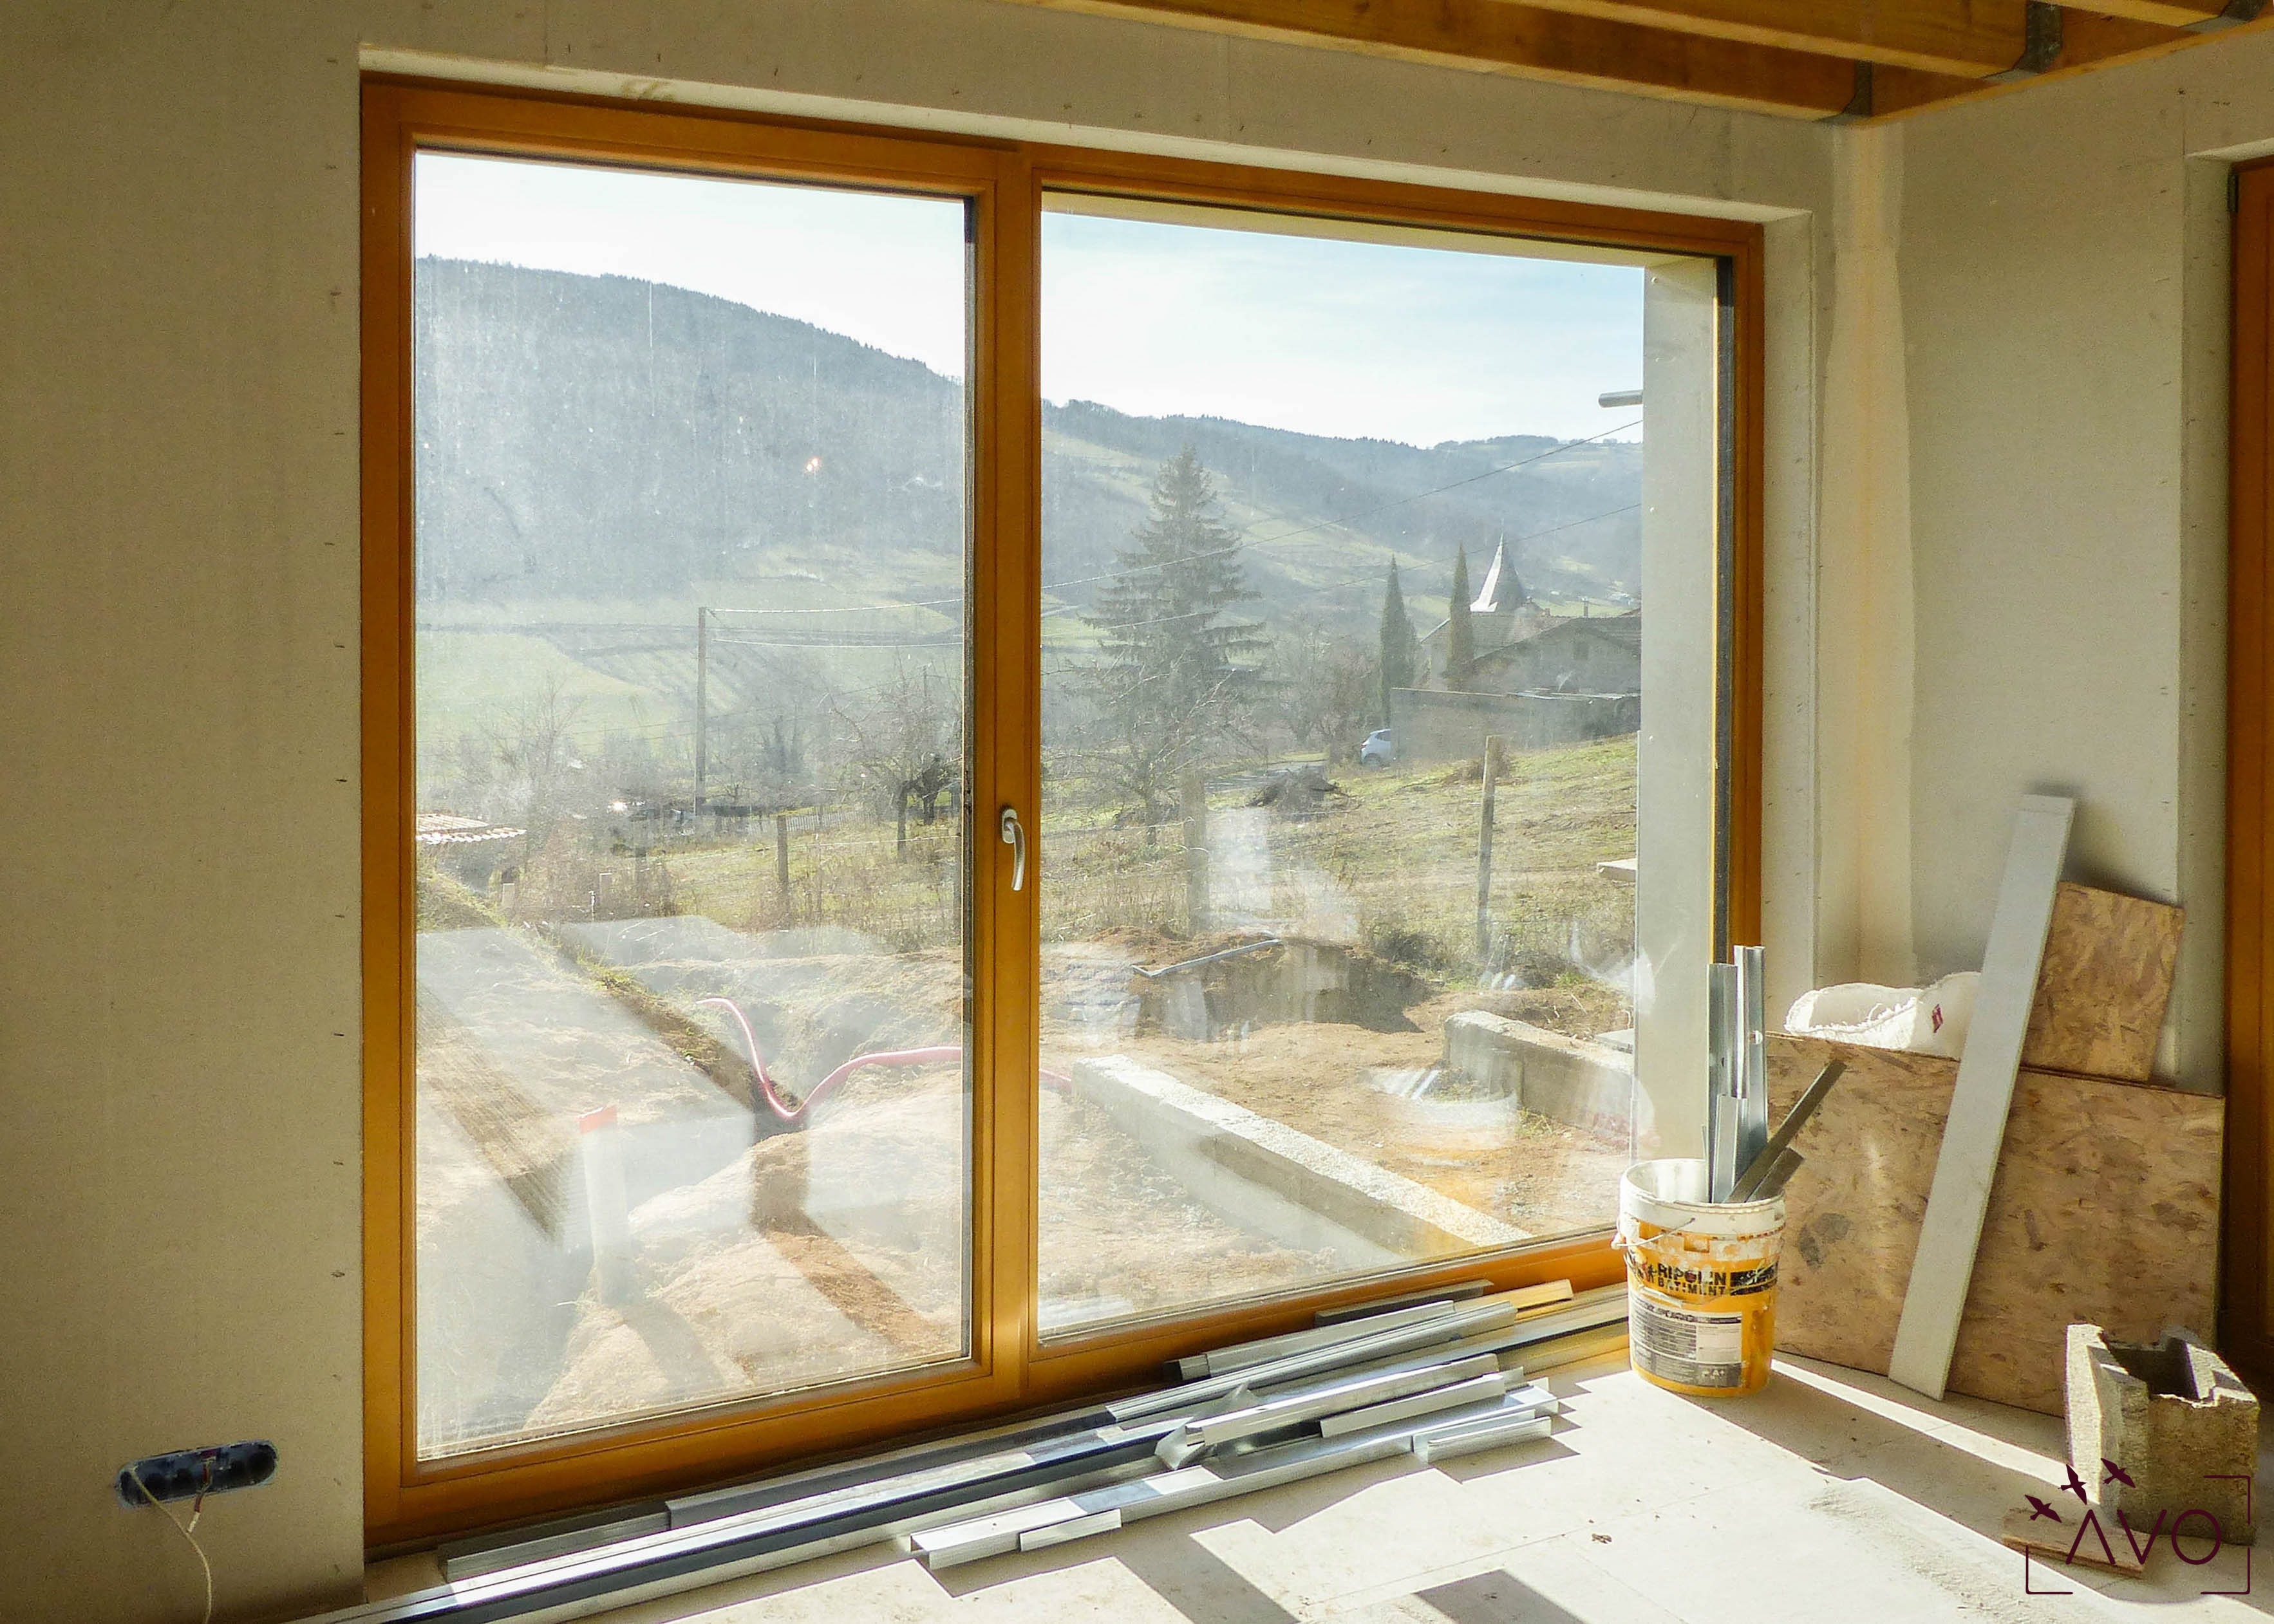 01022017-eco2travaux maison passive maison écologique isolation fenêtre performante